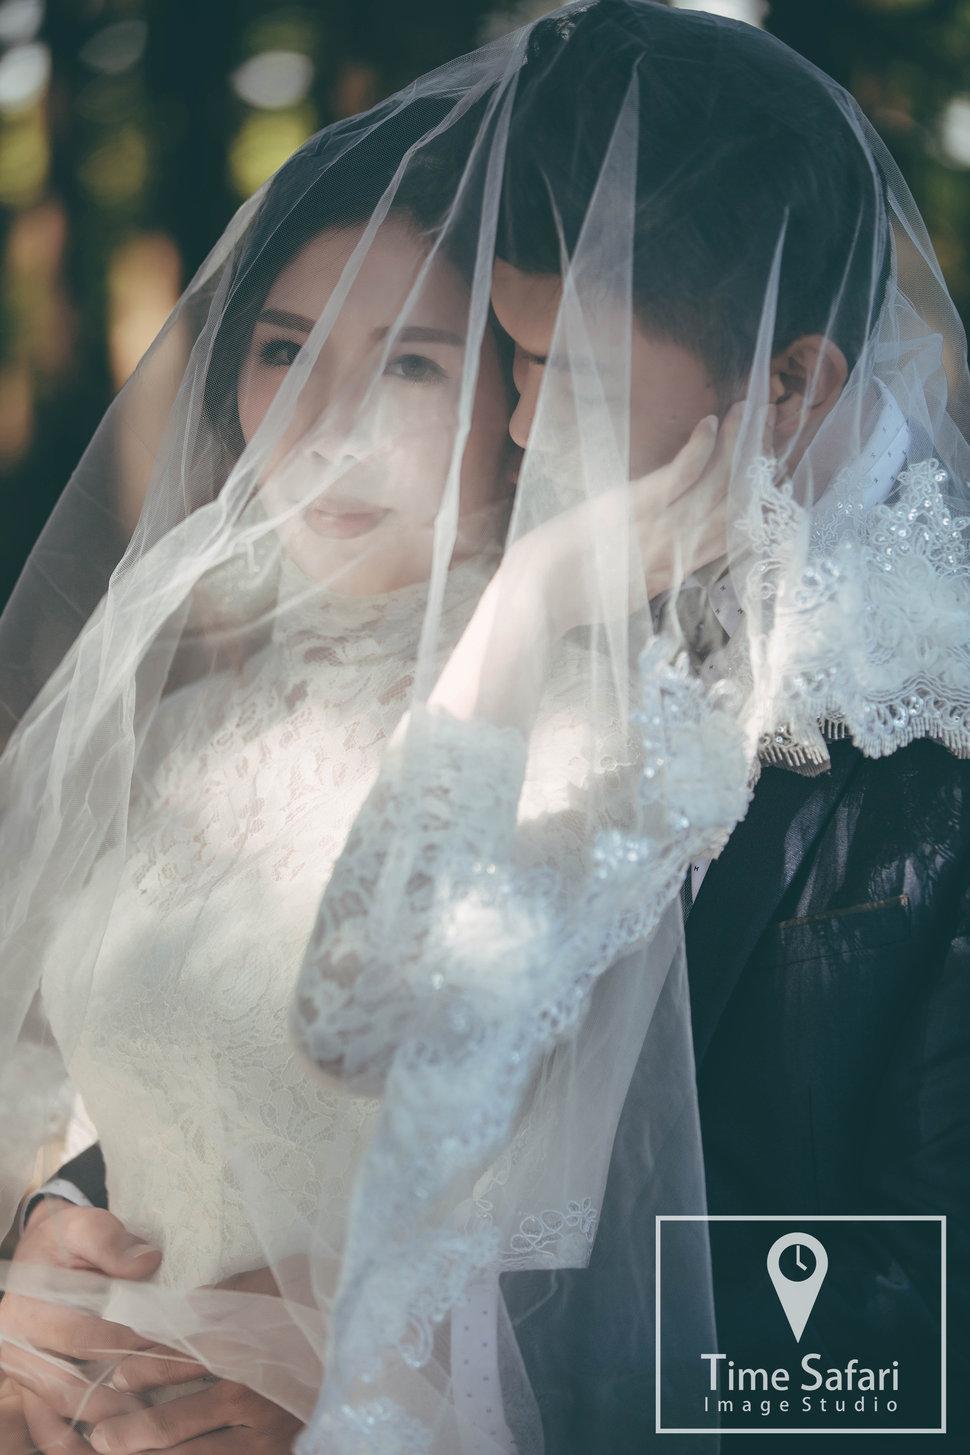 [經典、東方婚紗]因為有你(編號:306158) - TS image studio 時光行旅 - 結婚吧一站式婚禮服務平台